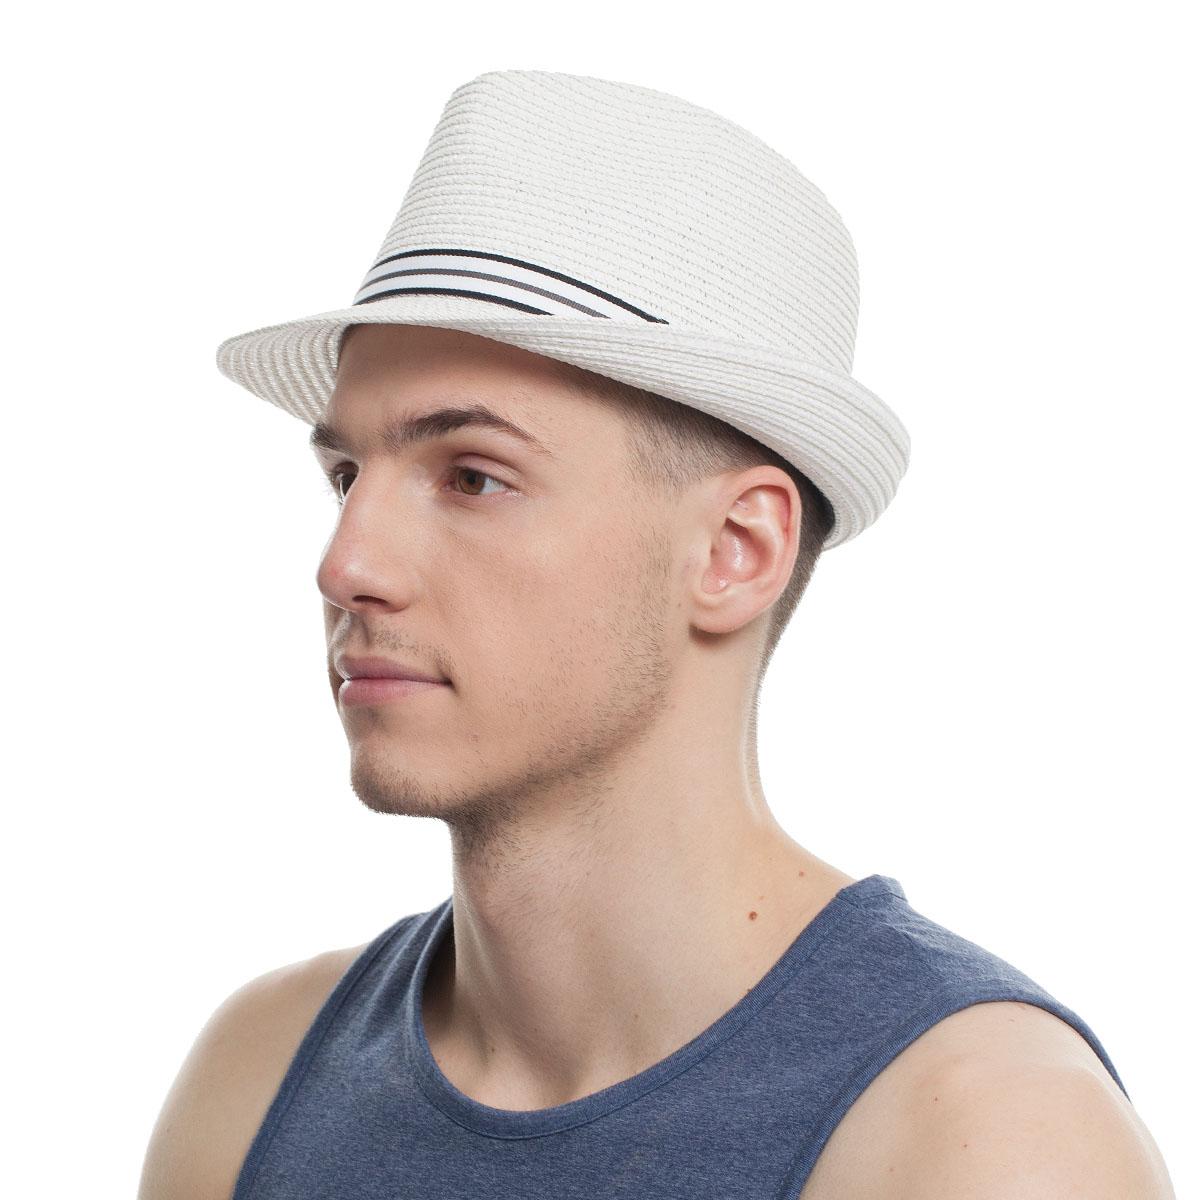 Шляпа Summerhit, 38303-15